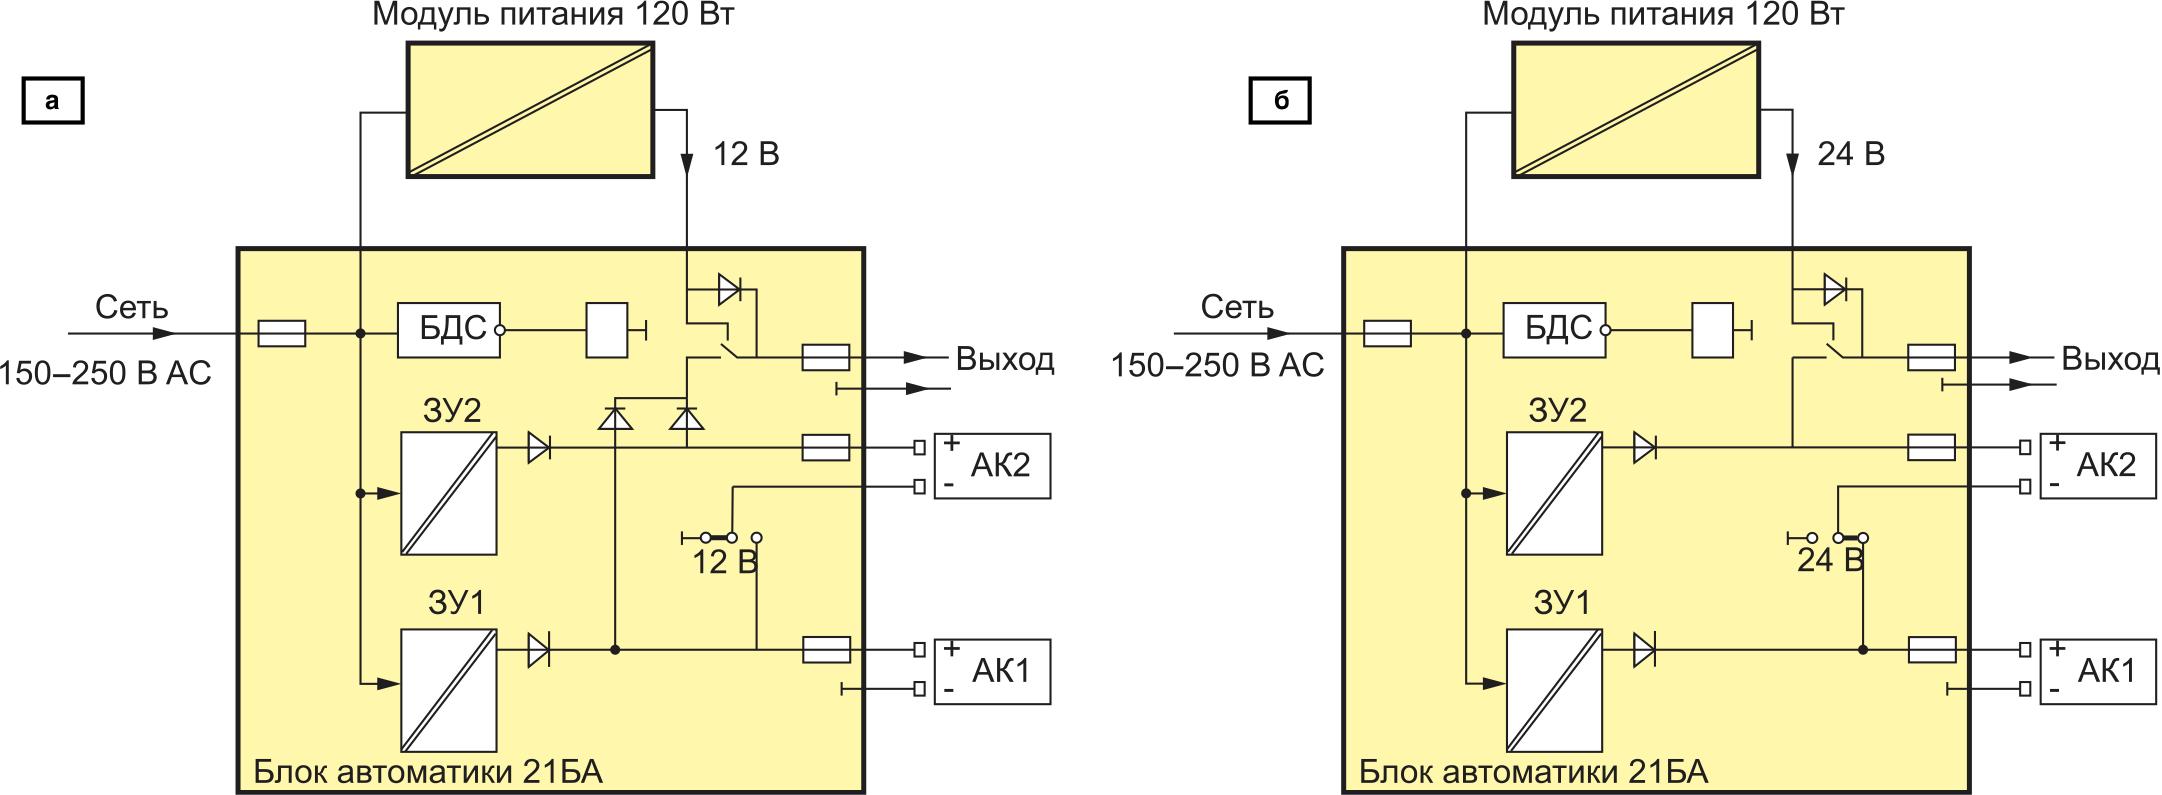 Функциональная схема ББП150, модификация «12 В» и модификация «24 В»